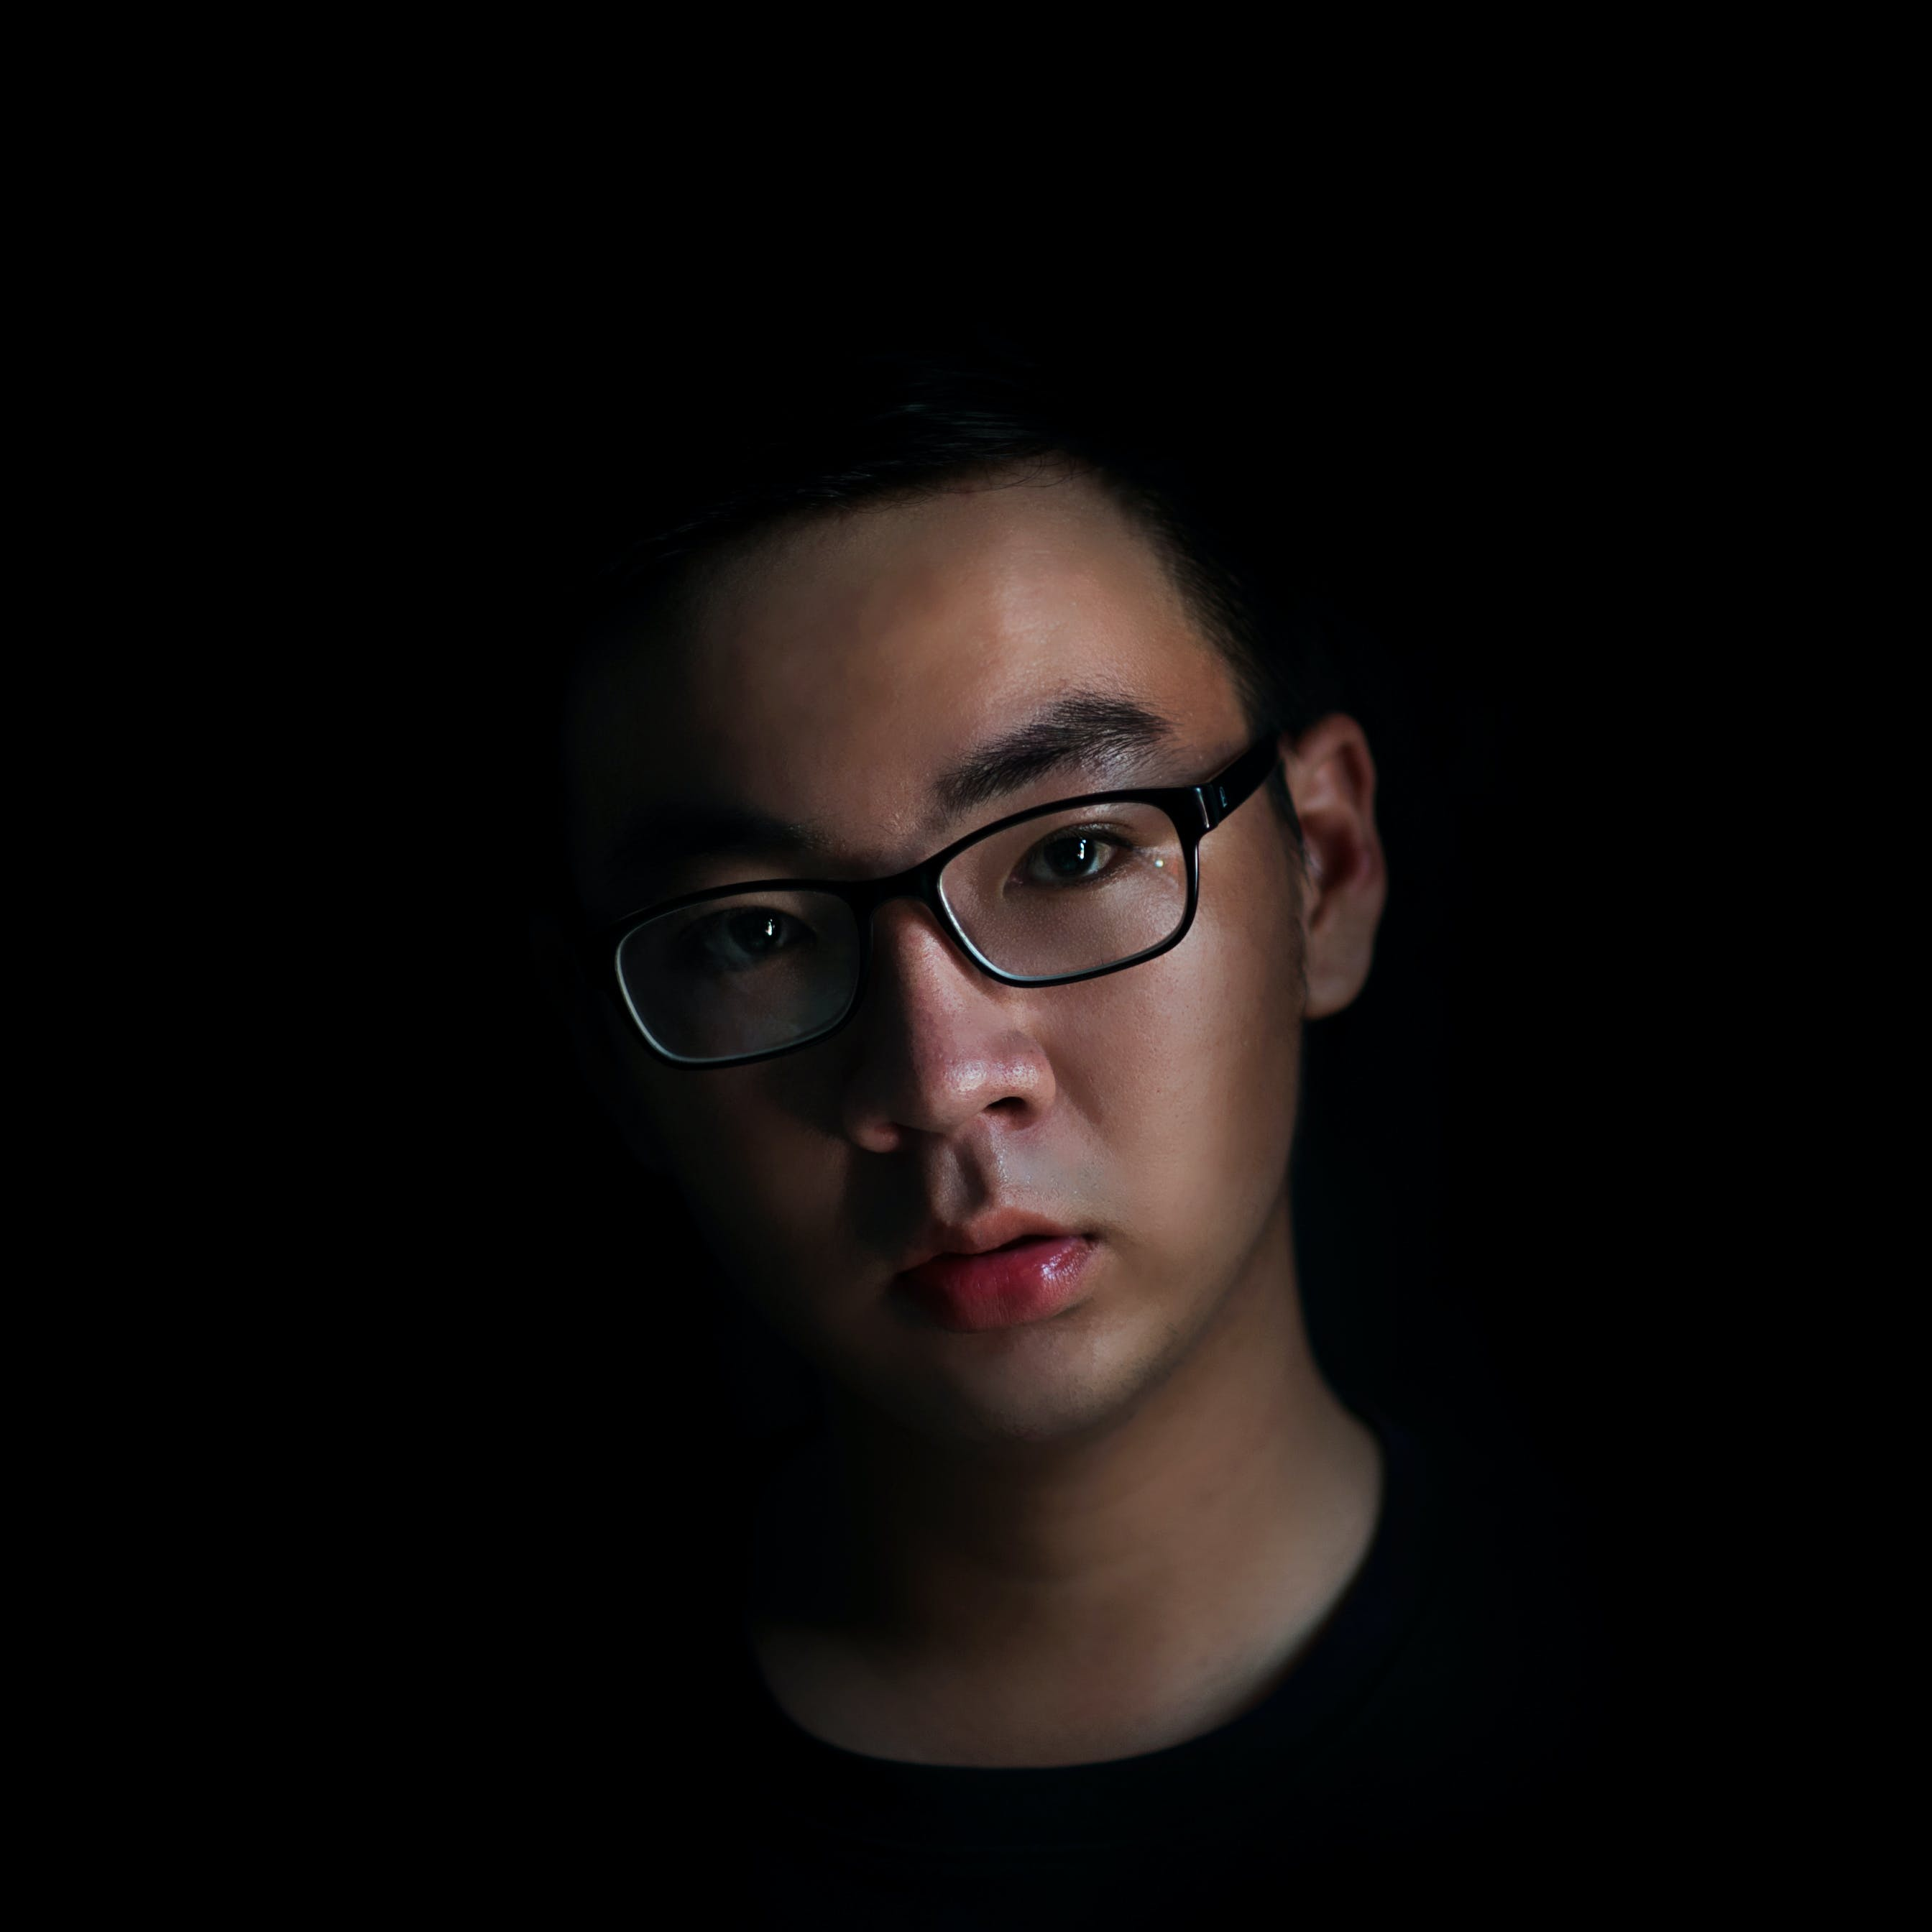 Kostenloses Stock Foto zu asiaten, attraktiv, augen, brille